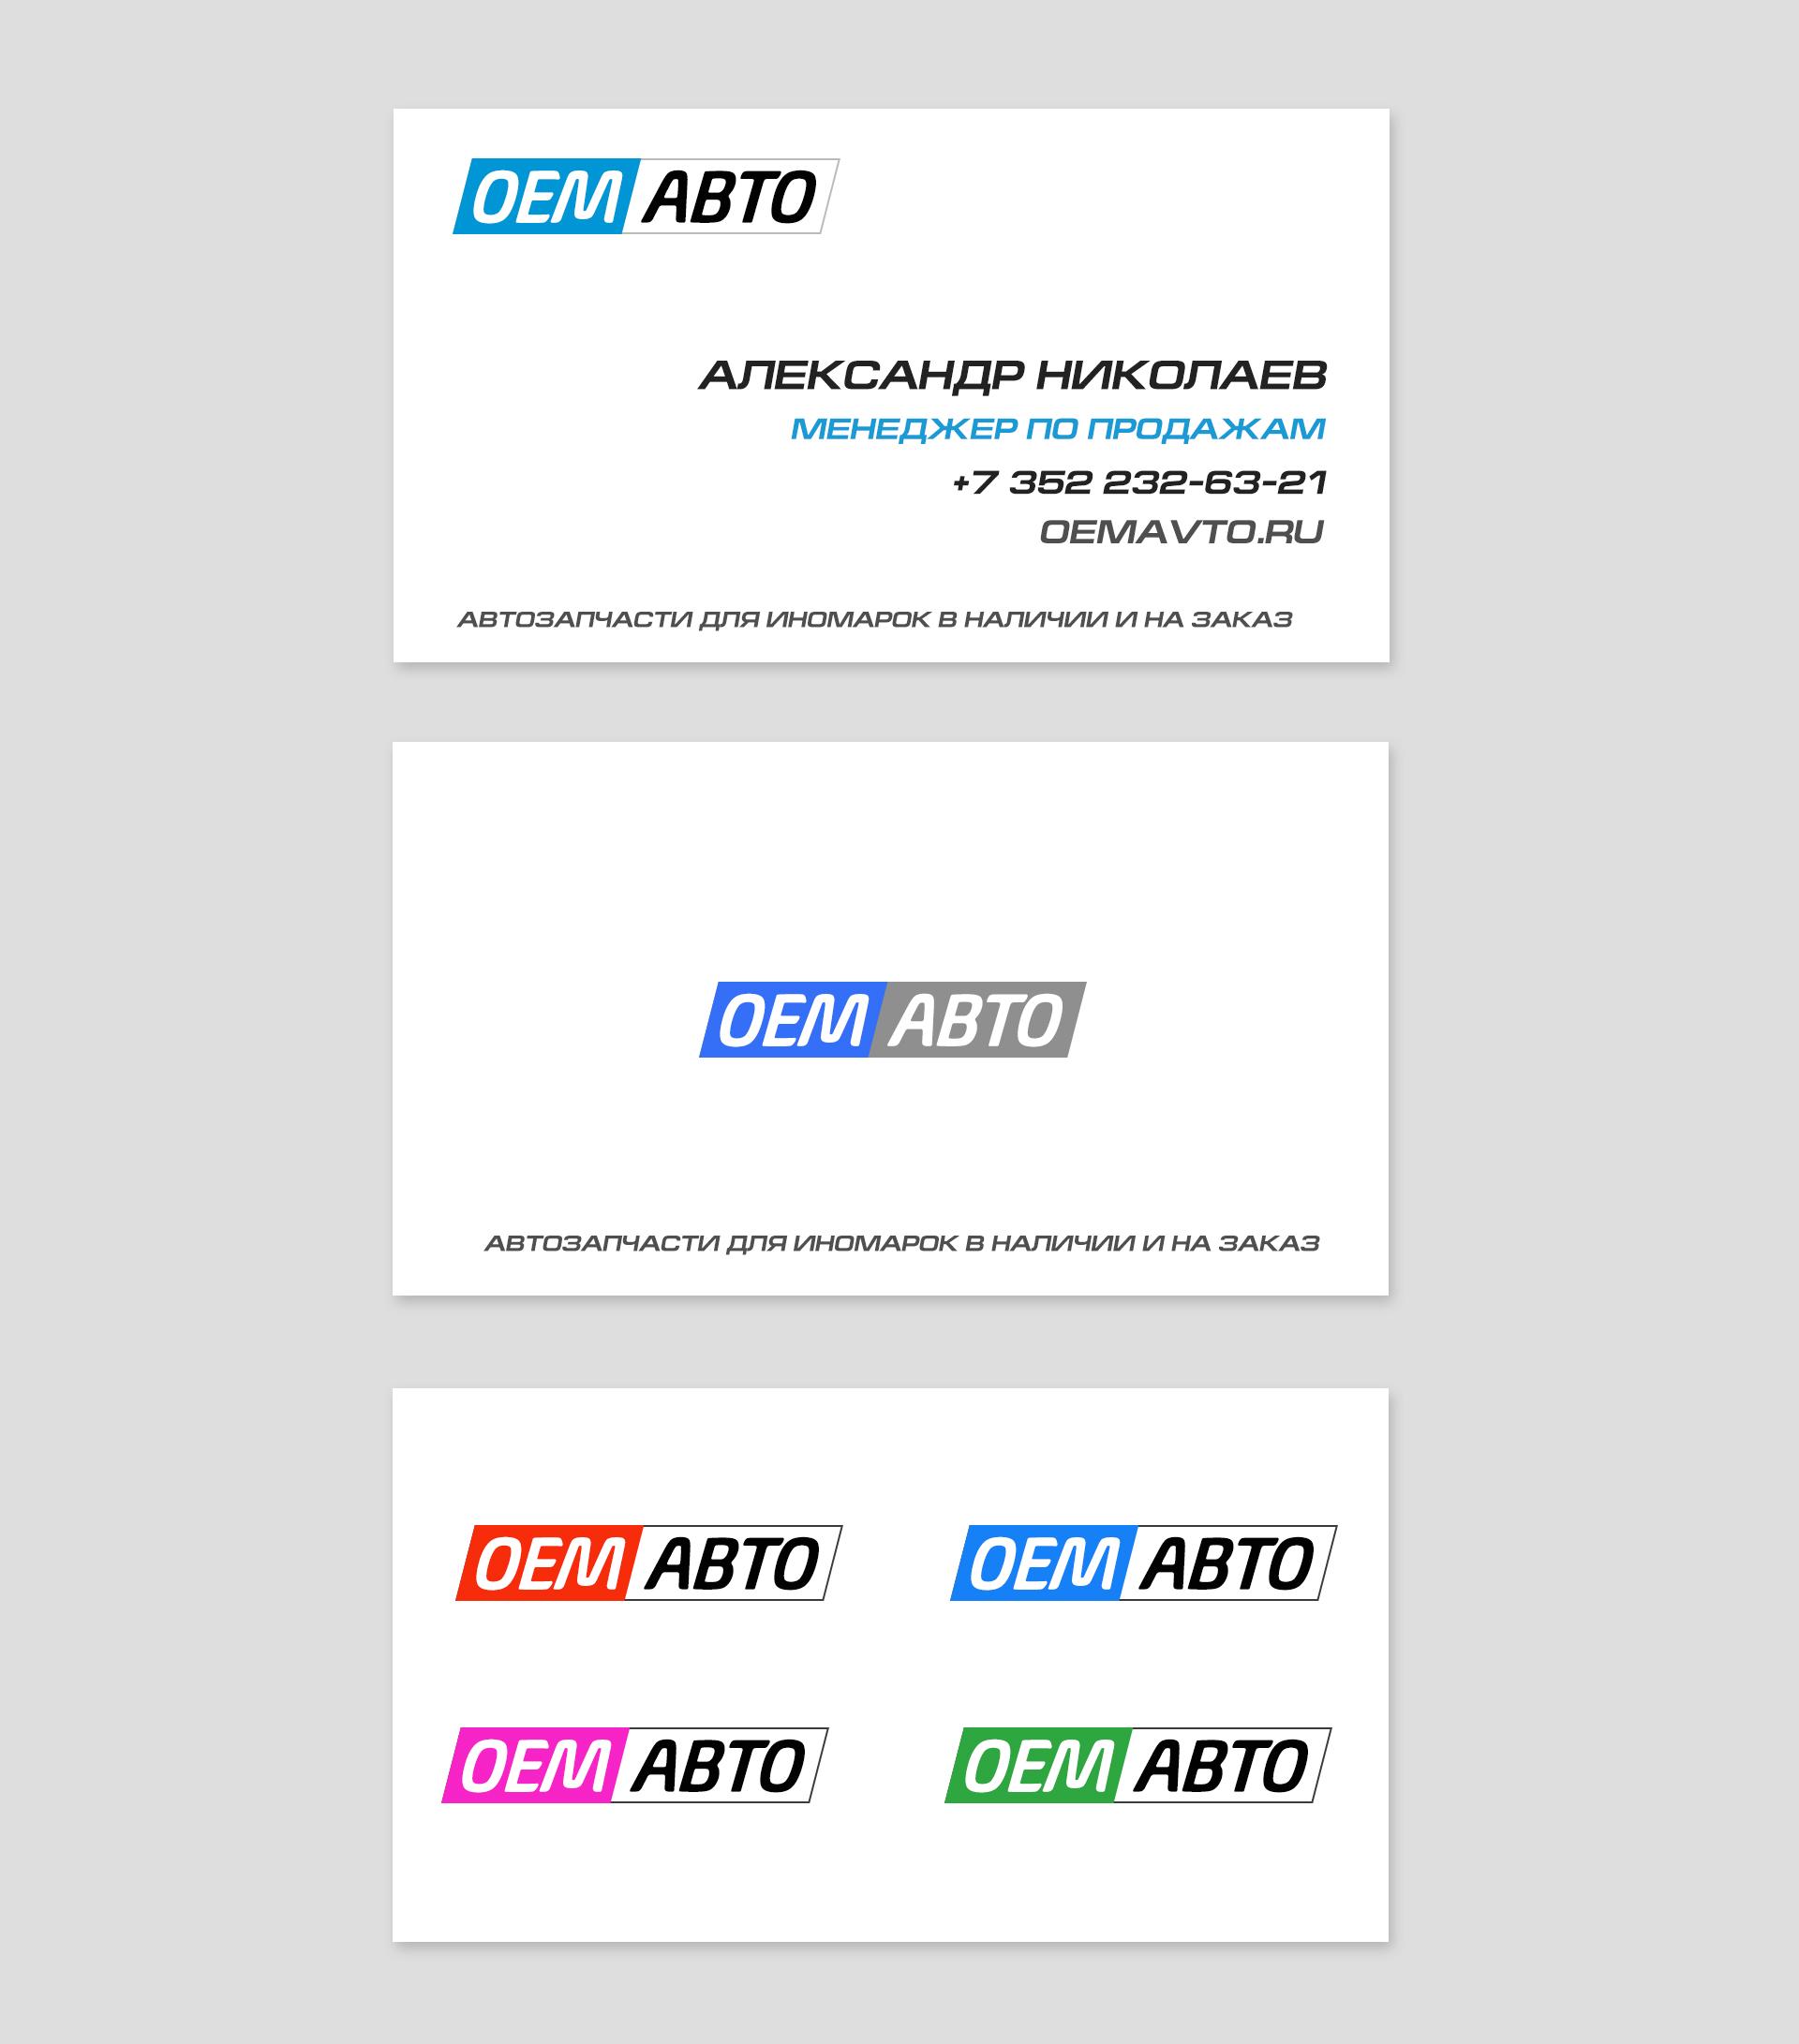 Разработать логотип и дизайн визитки  фото f_7795b72fc9e78c38.jpg